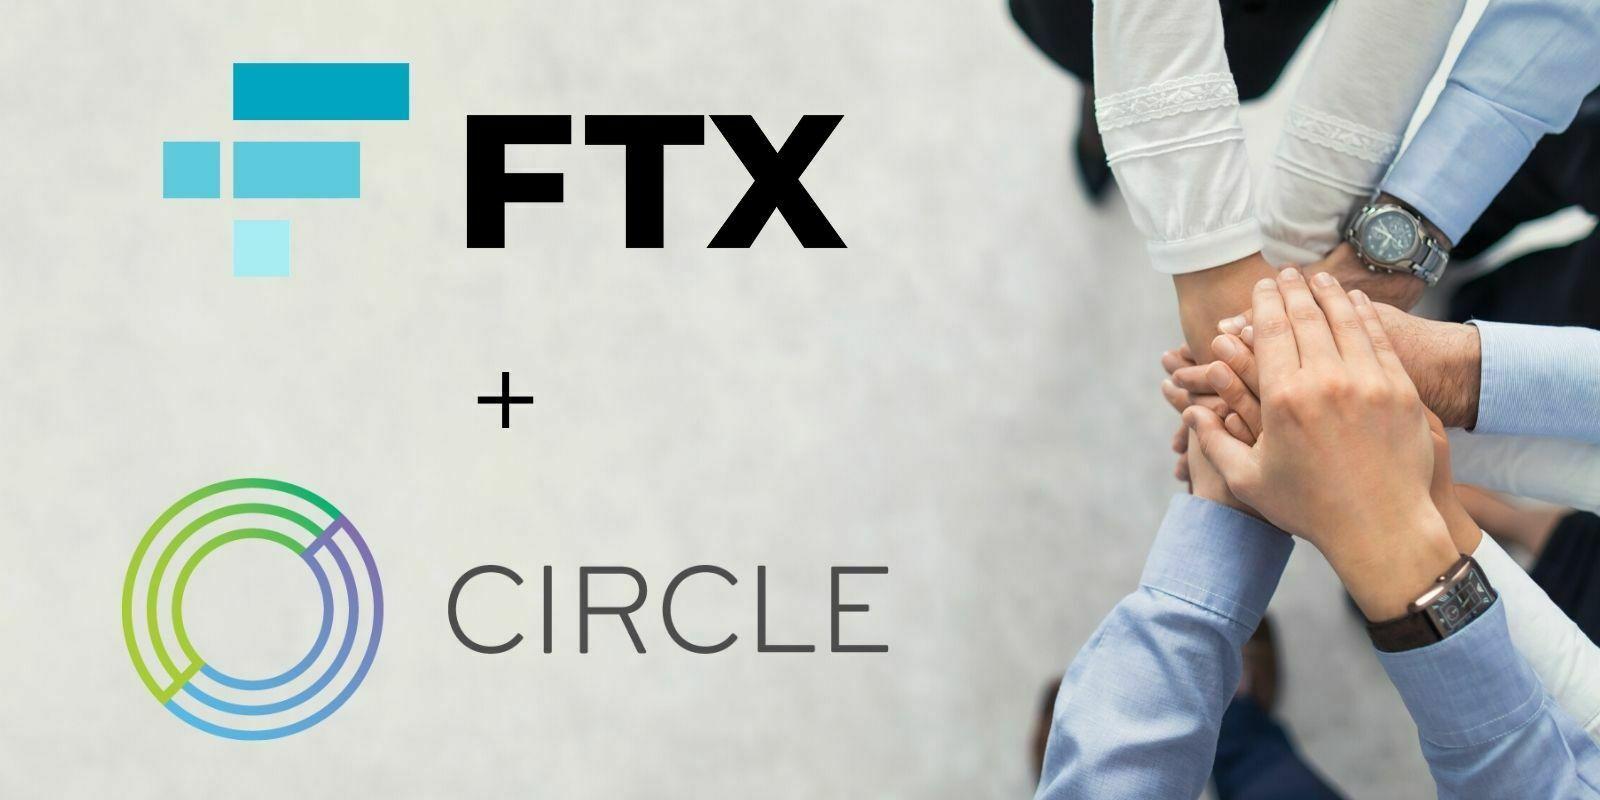 FTX et Circle collaborent pour faciliter le financement instantané via l'USDC